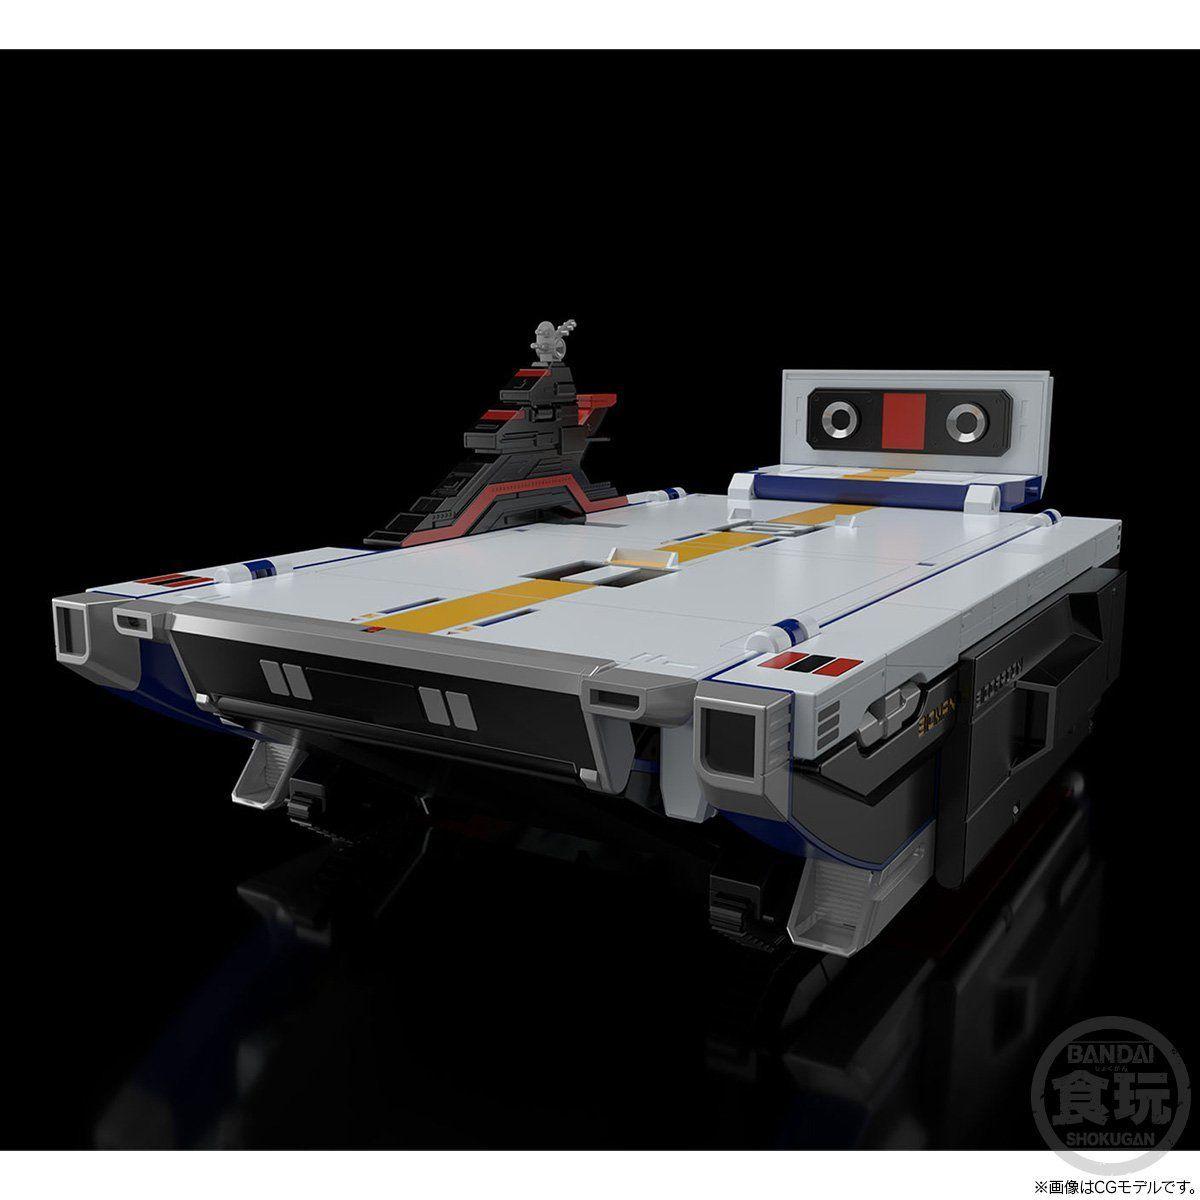 【食玩】スーパーミニプラ『電子合体 バイオロボ』超電子バイオマン 2個入りBOX-016